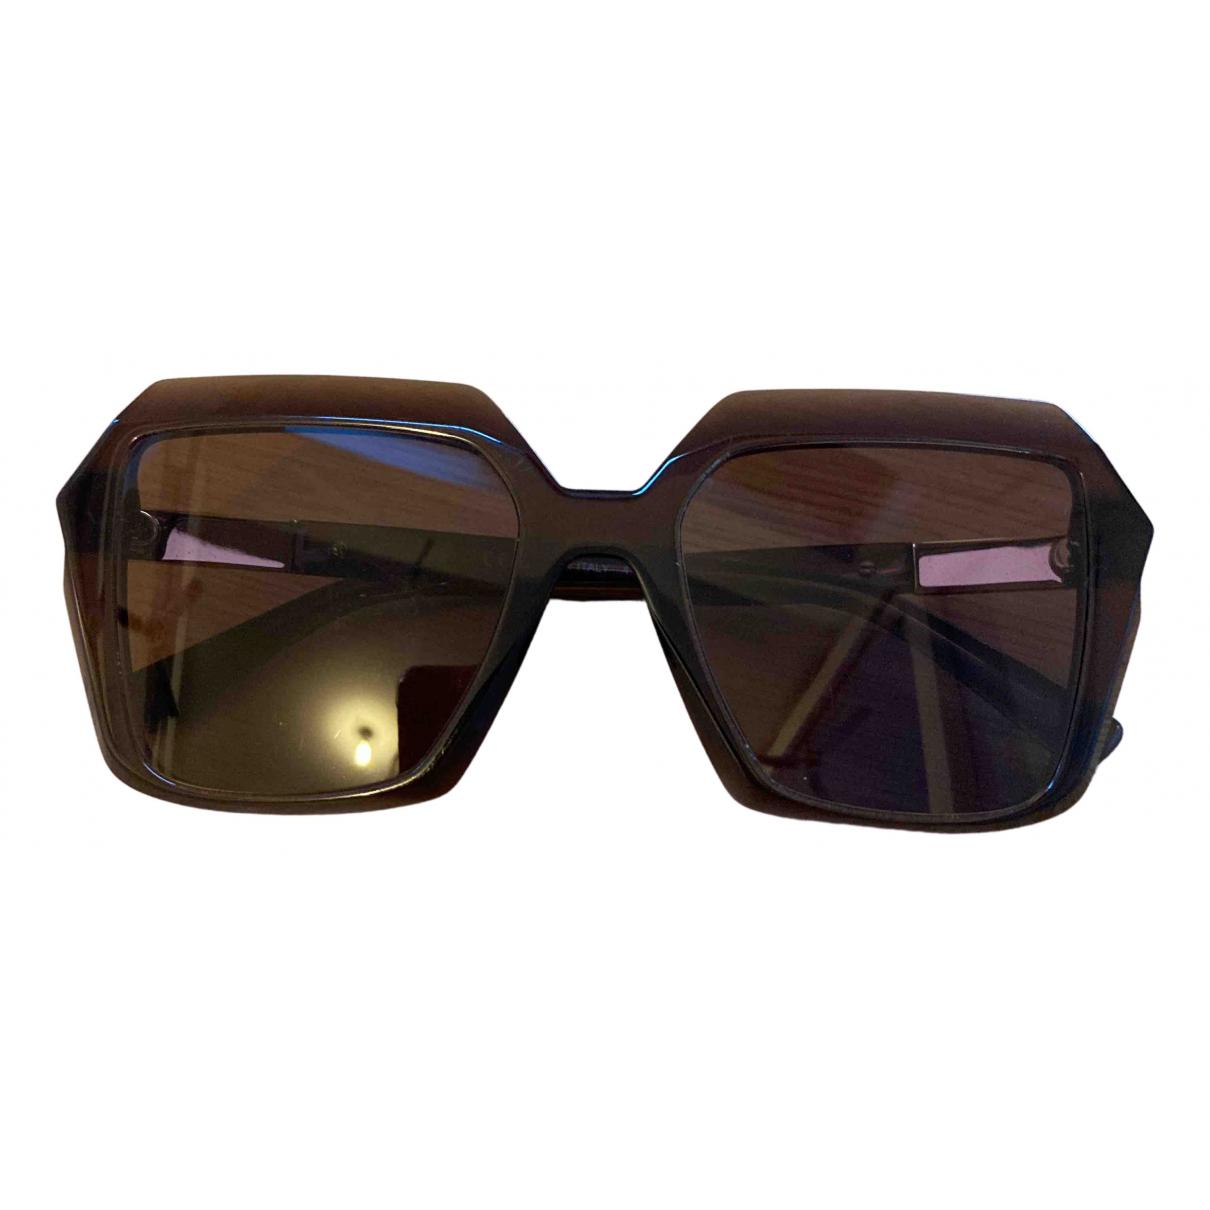 Mcm N Brown Sunglasses for Women N